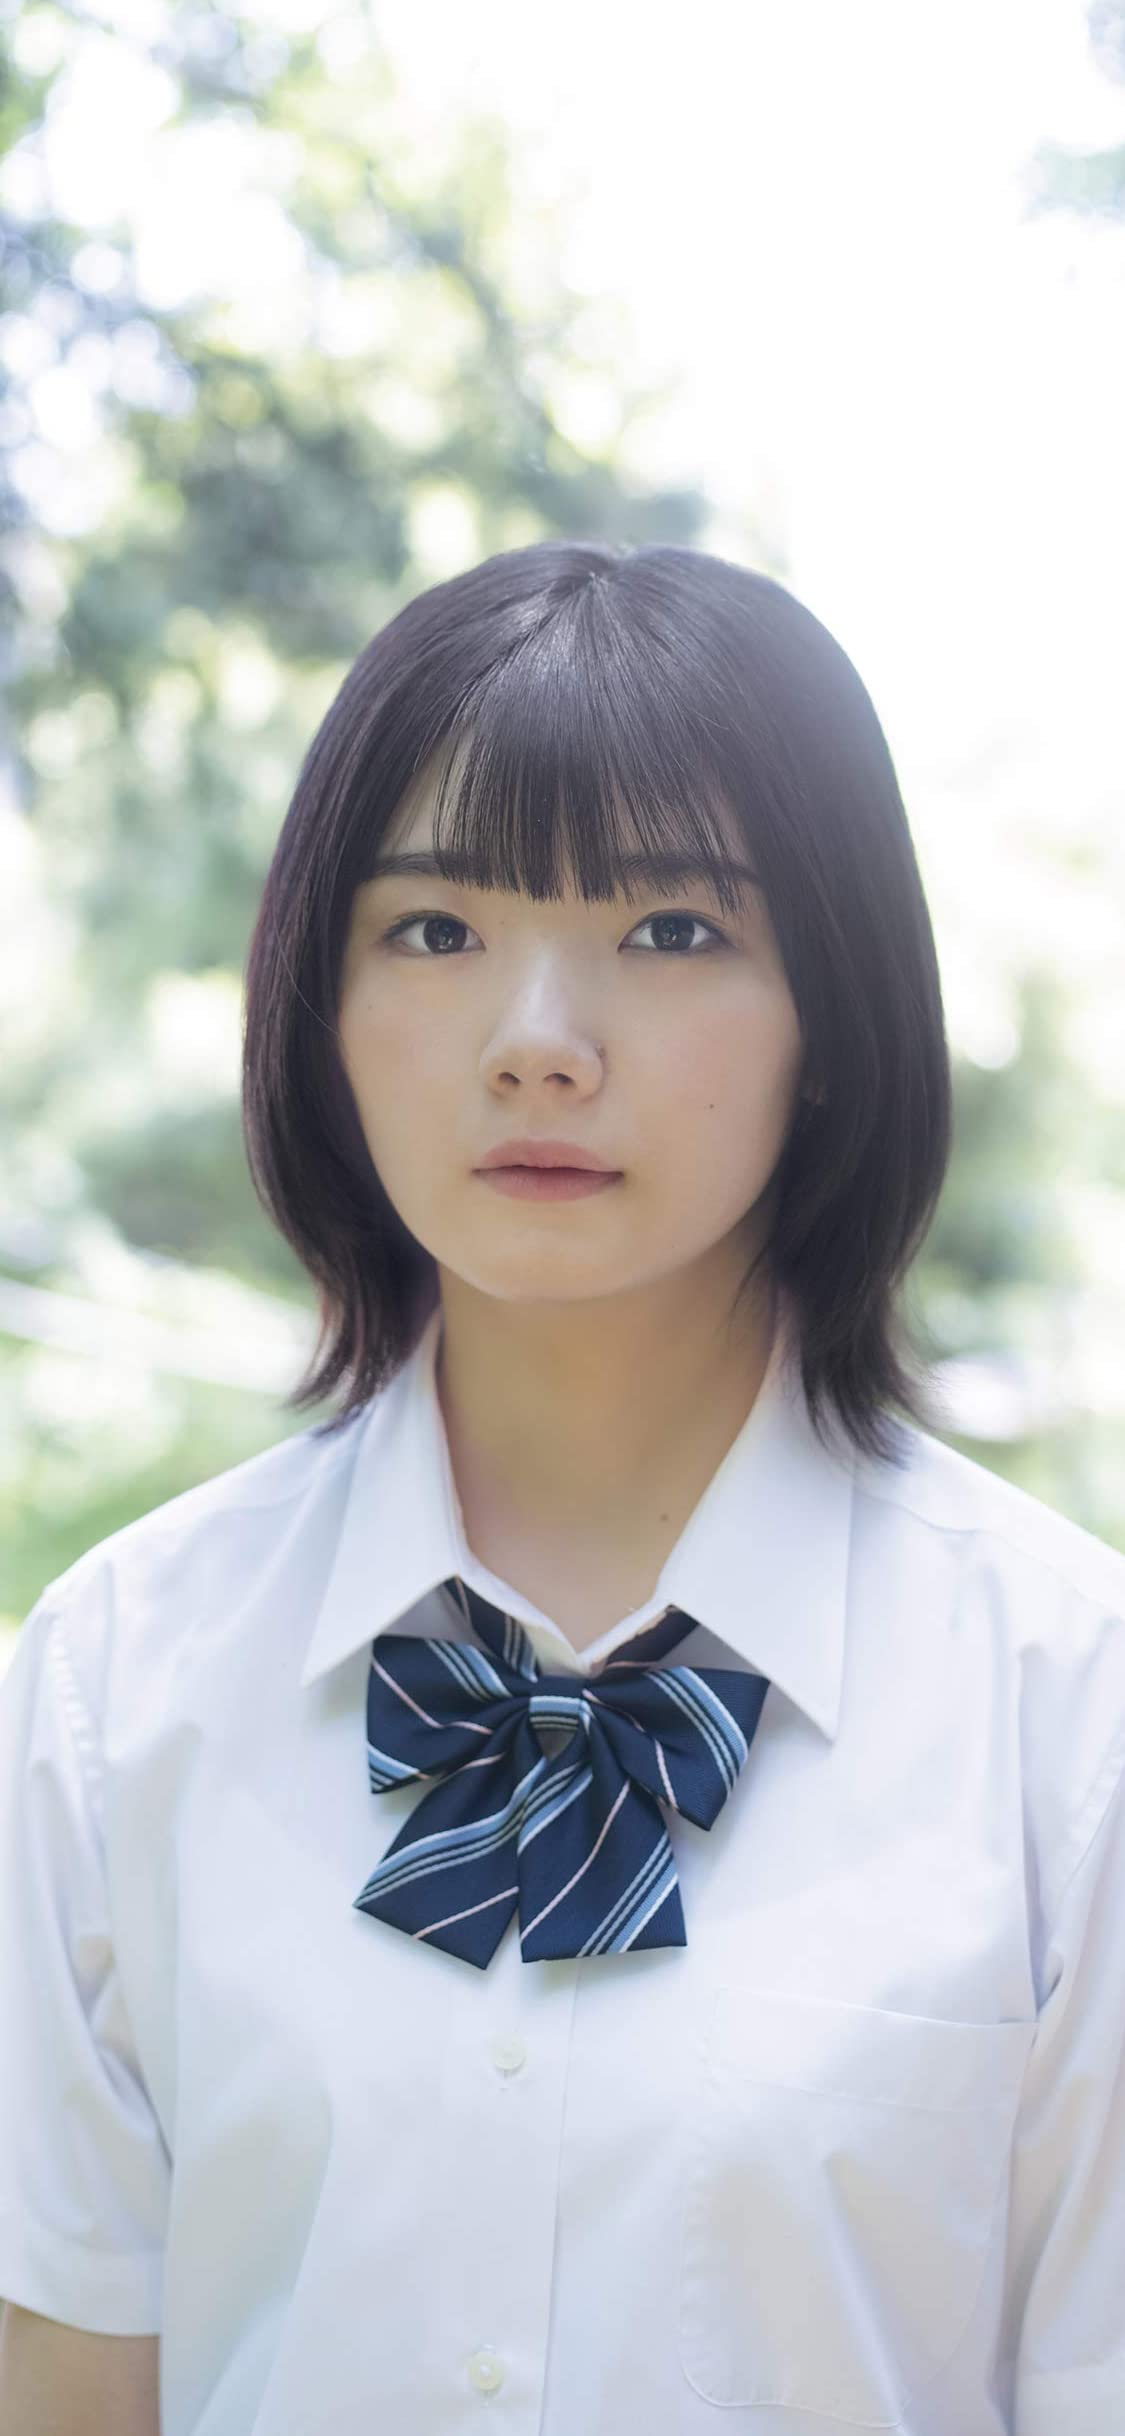 欅坂46 Iphone X 壁紙 1125x2436 藤吉夏鈴 女性タレント スマホ用画像